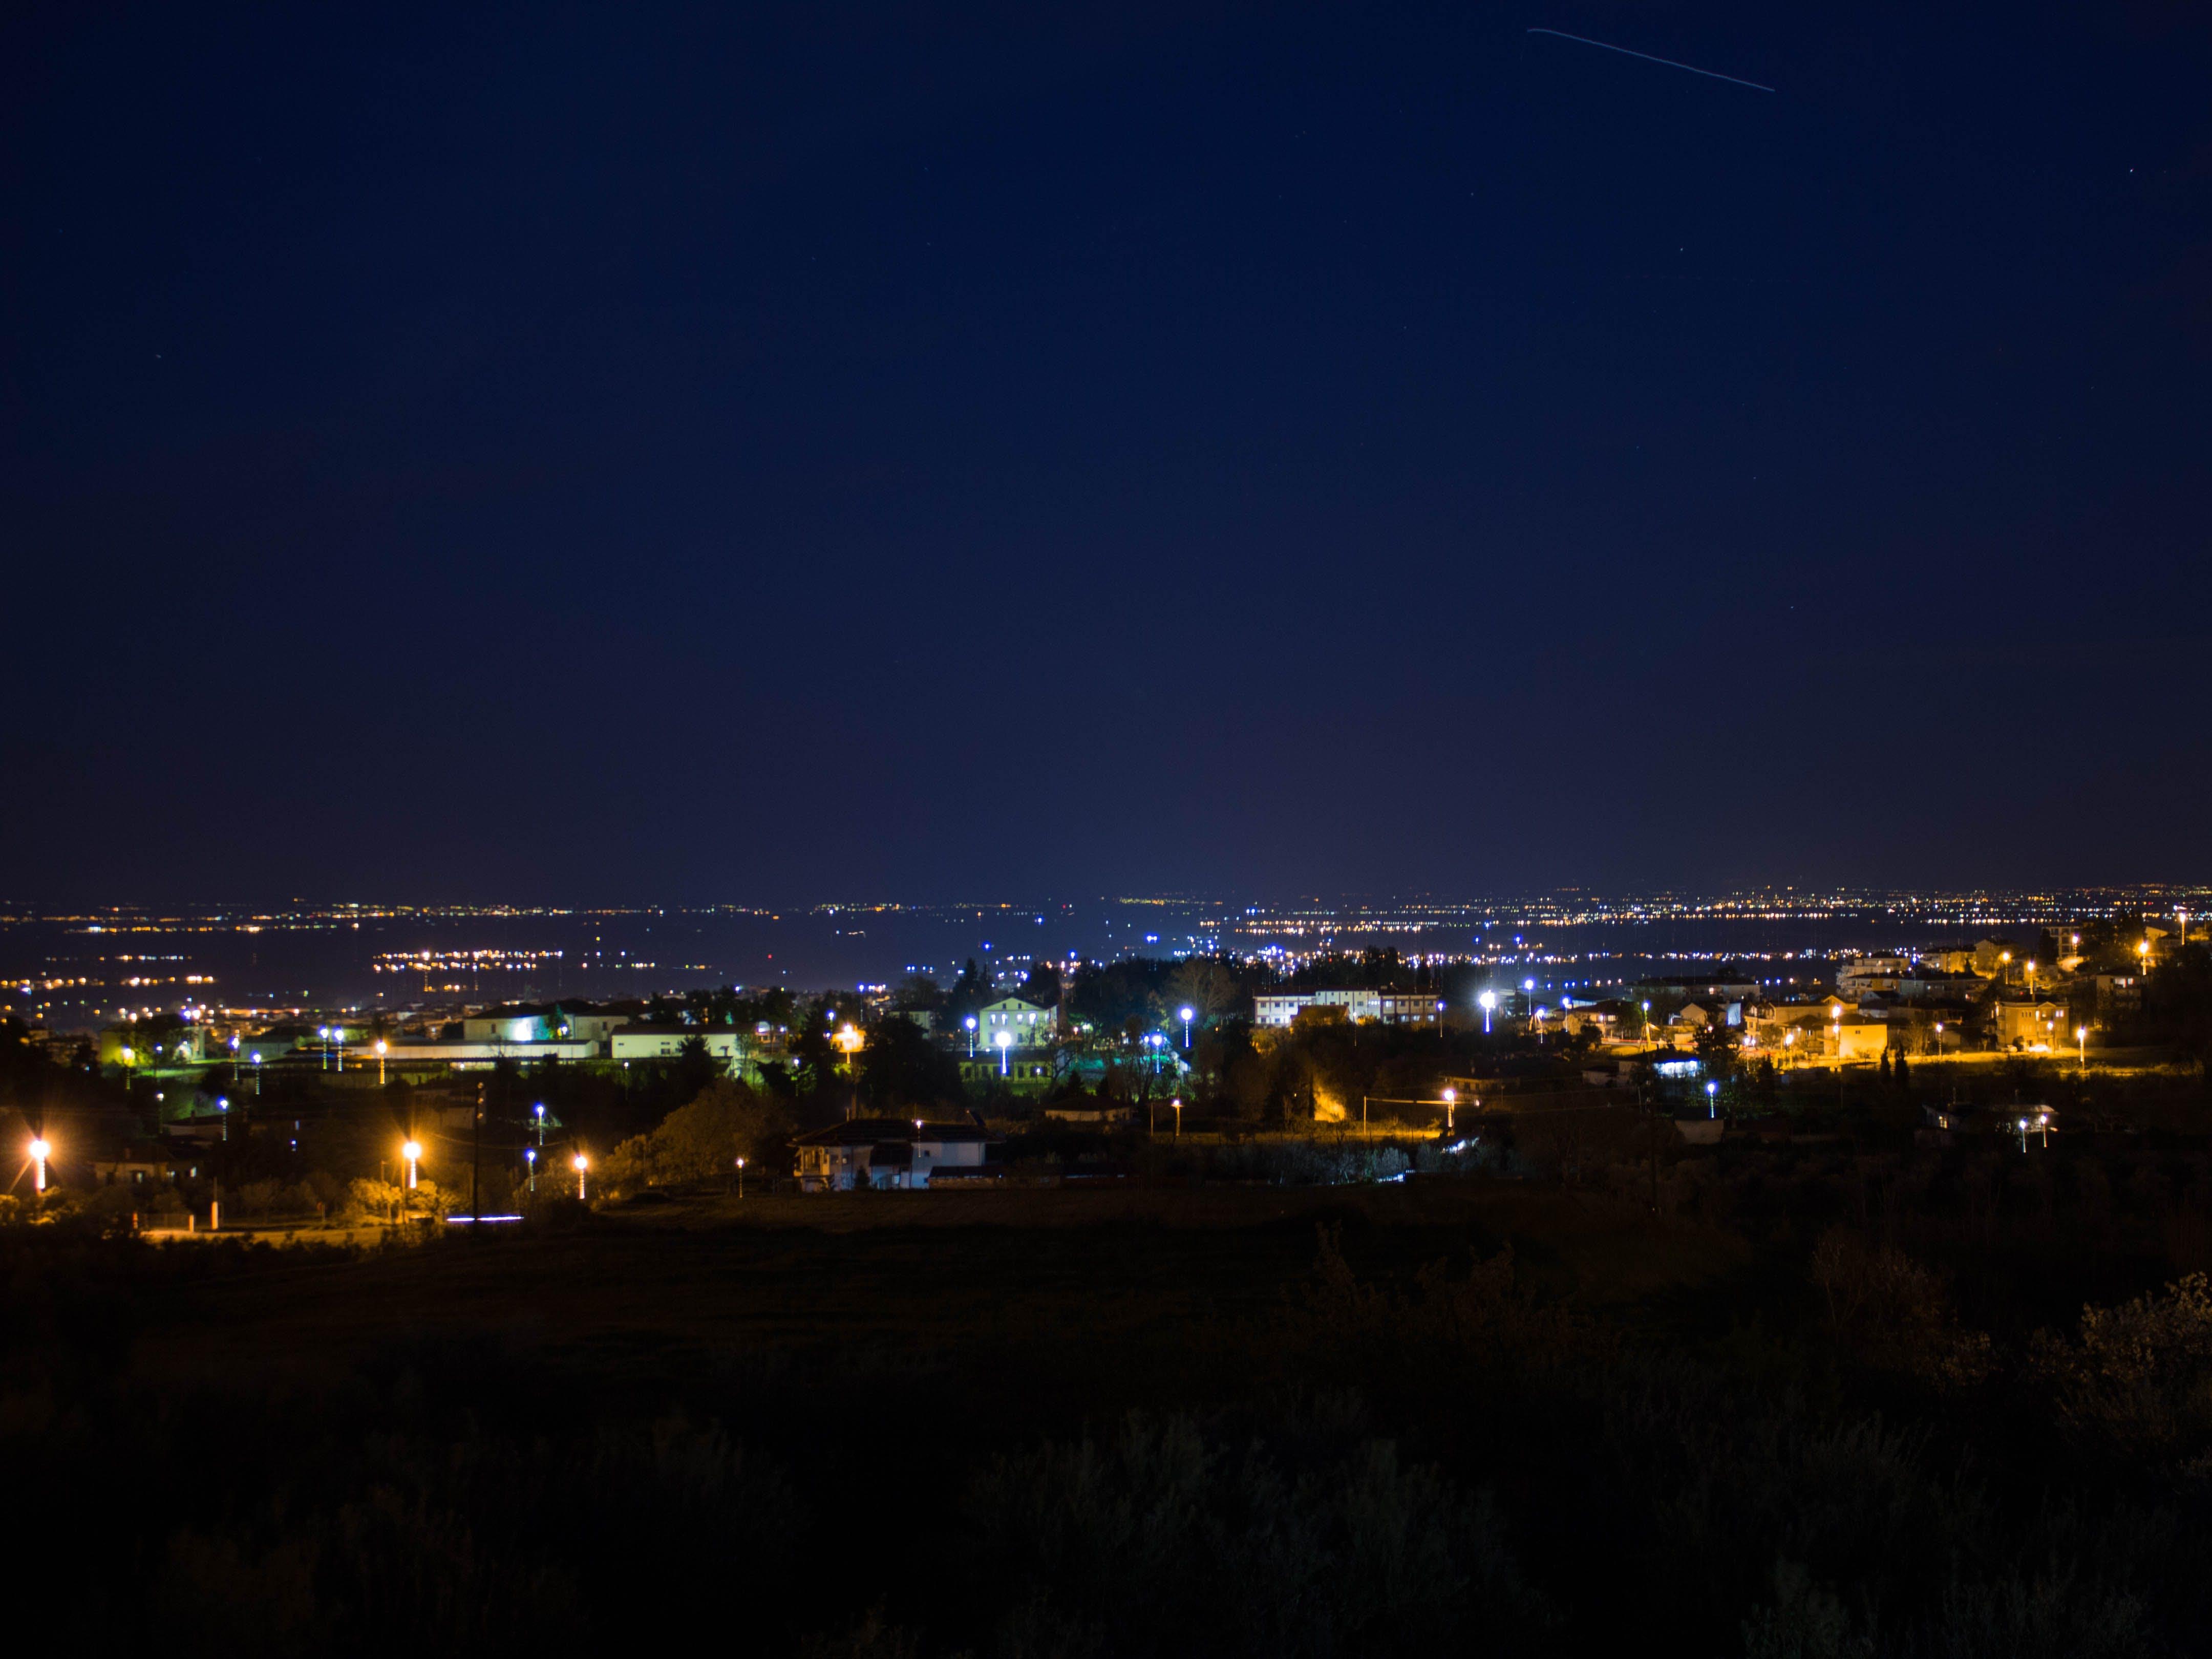 Kostenloses Stock Foto zu griechenland, lichter der stadt, nacht, nacht lichter